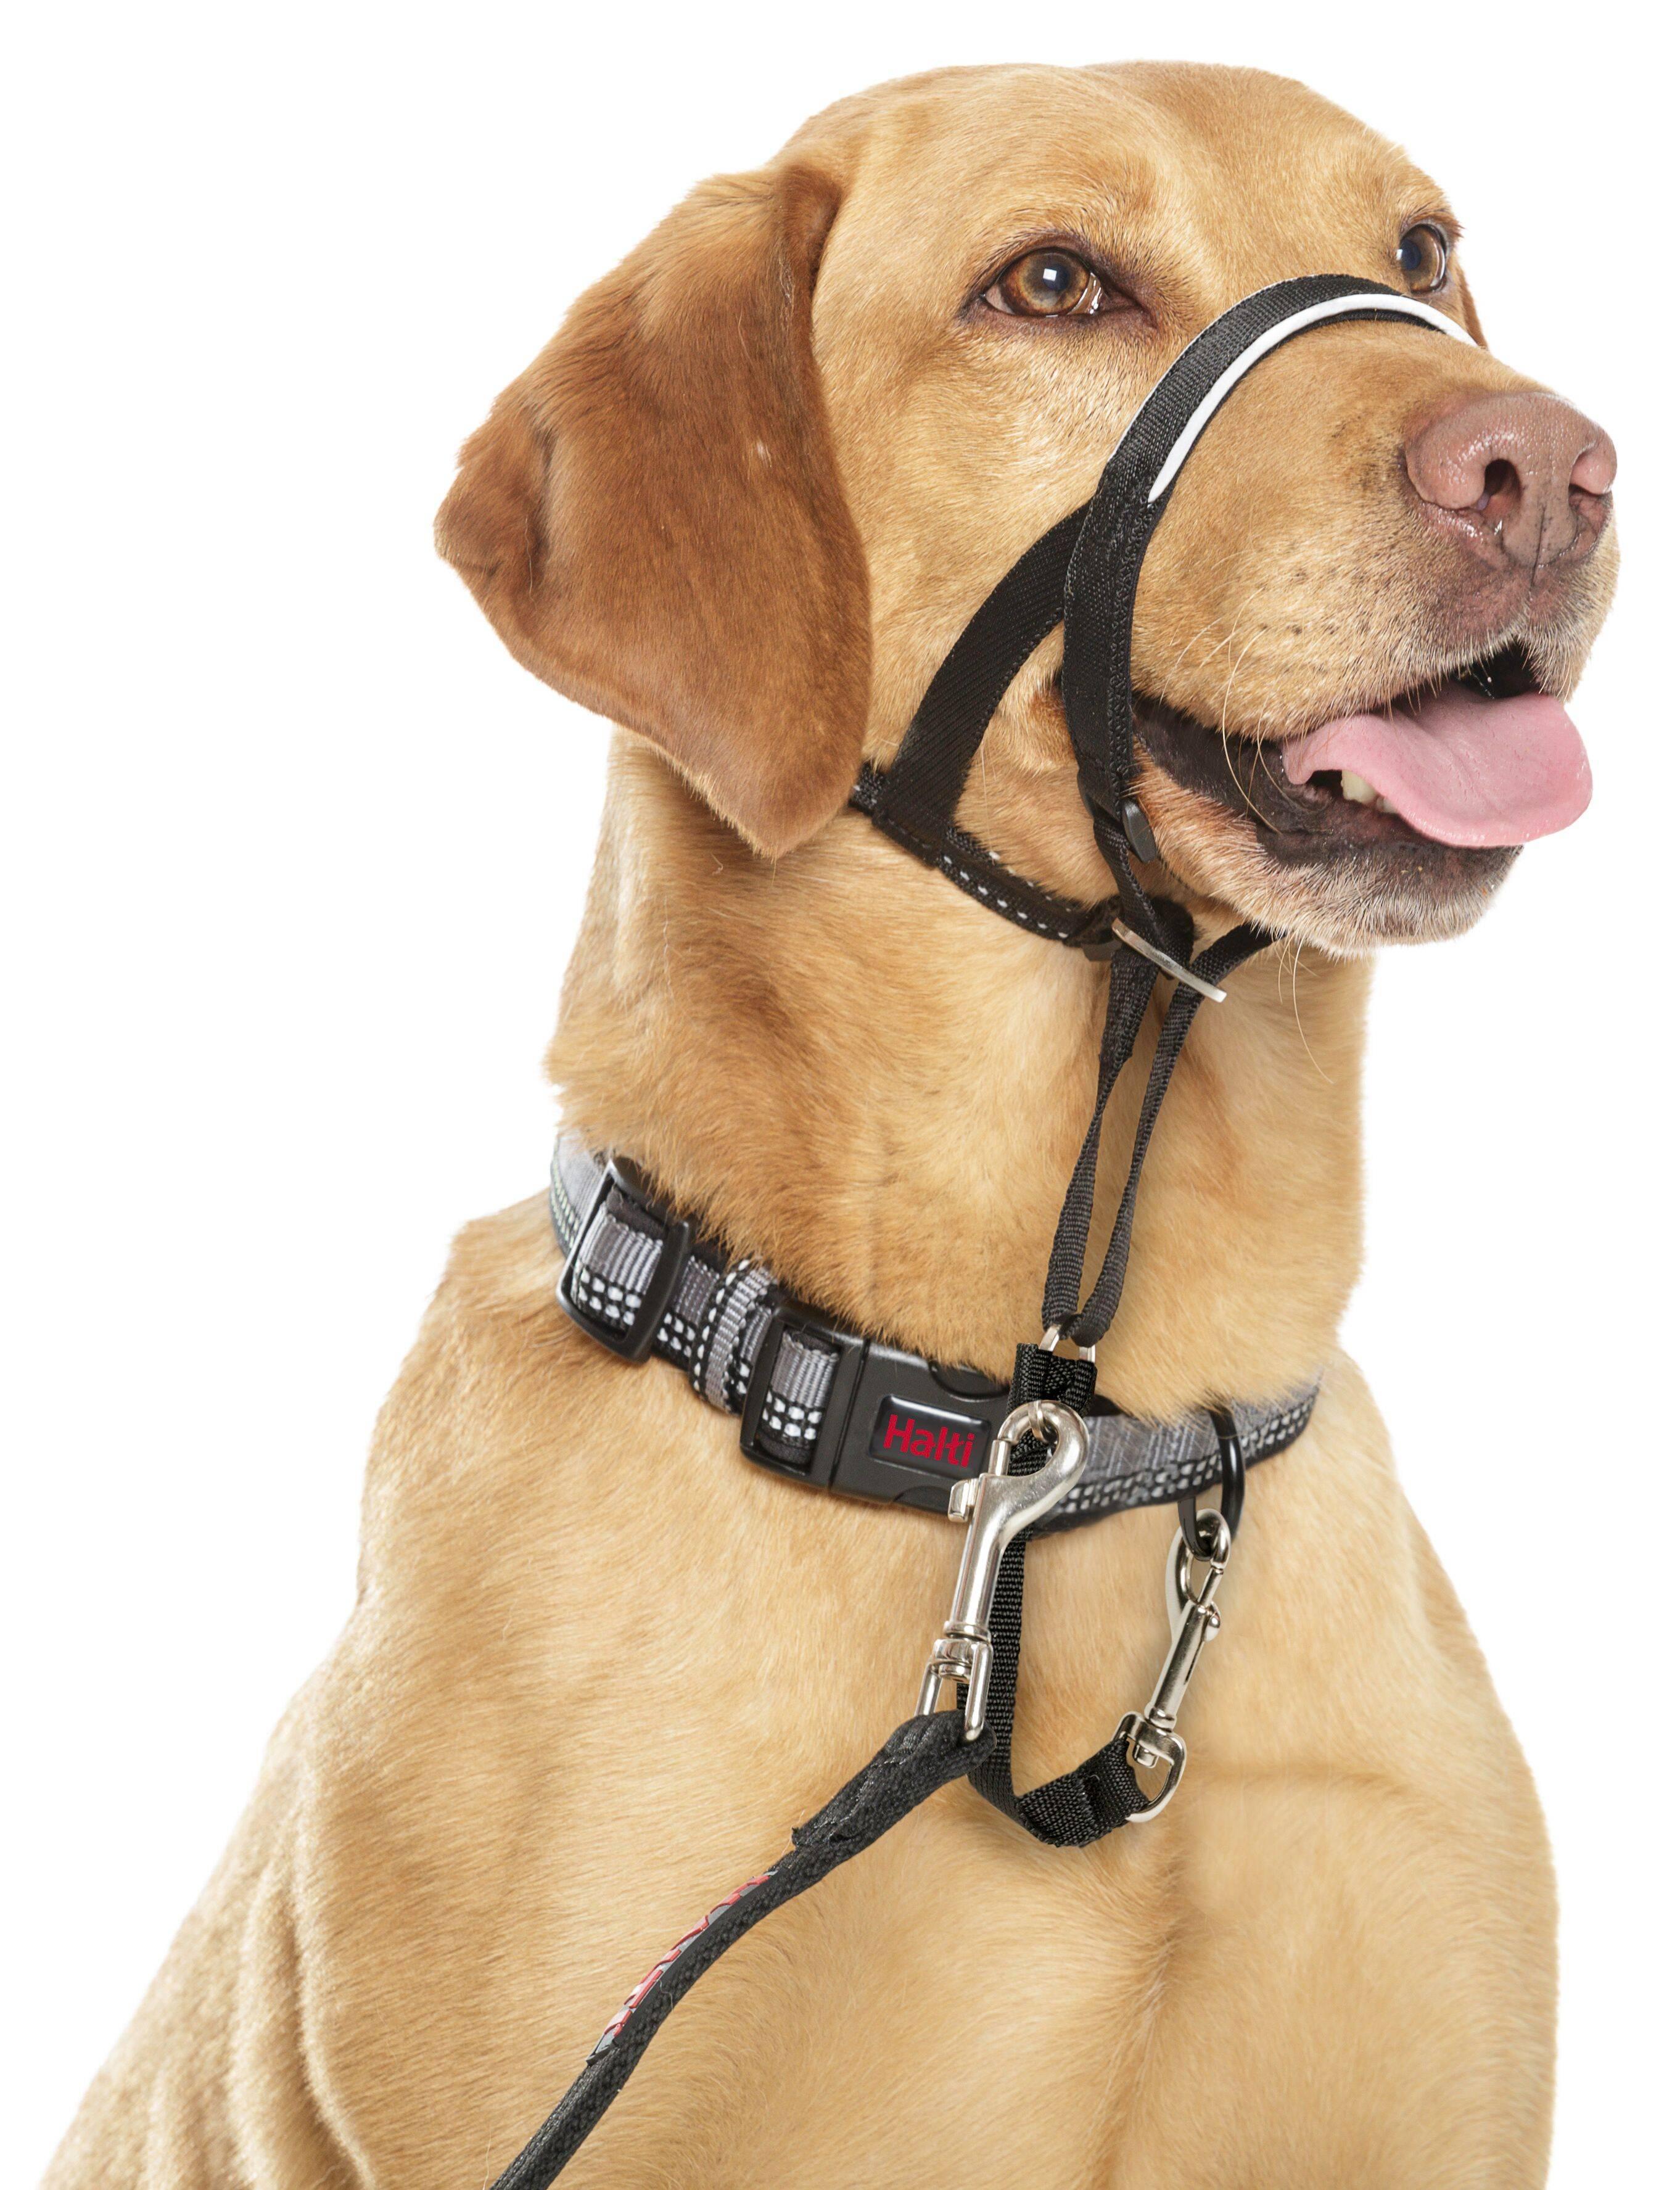 Недоуздок халти для собак – гуманная альтернатива ошейнику